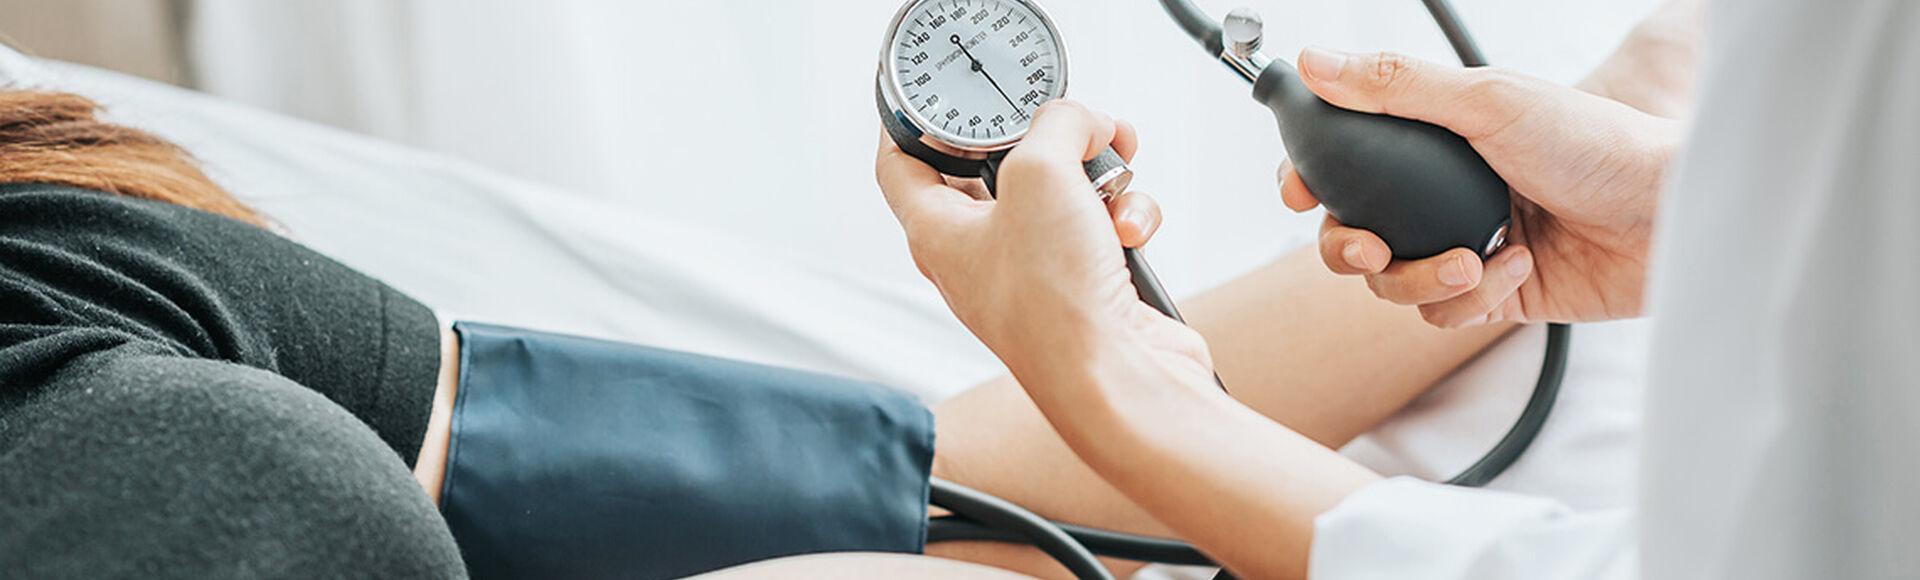 Presión arterial ideal durante tu embarazo  | Más Abrazos by Huggies